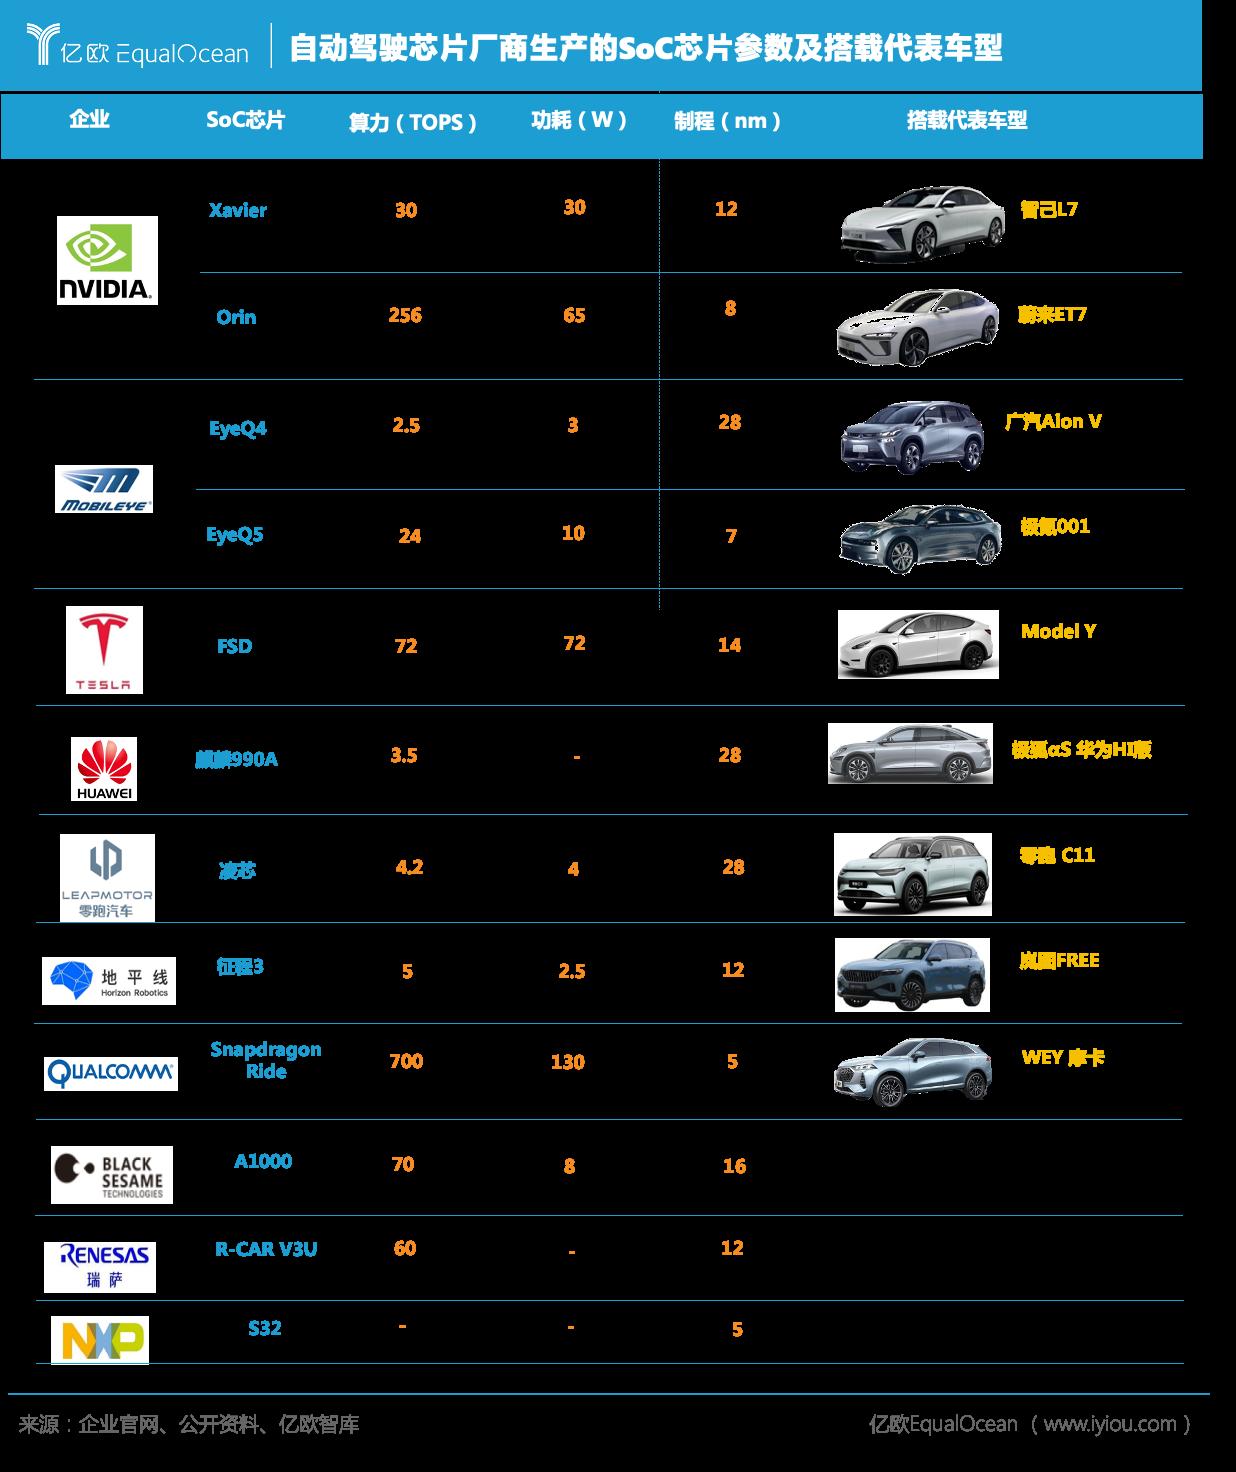 自动驾驶芯片厂商生产的SoC芯片参数及搭载代表车型